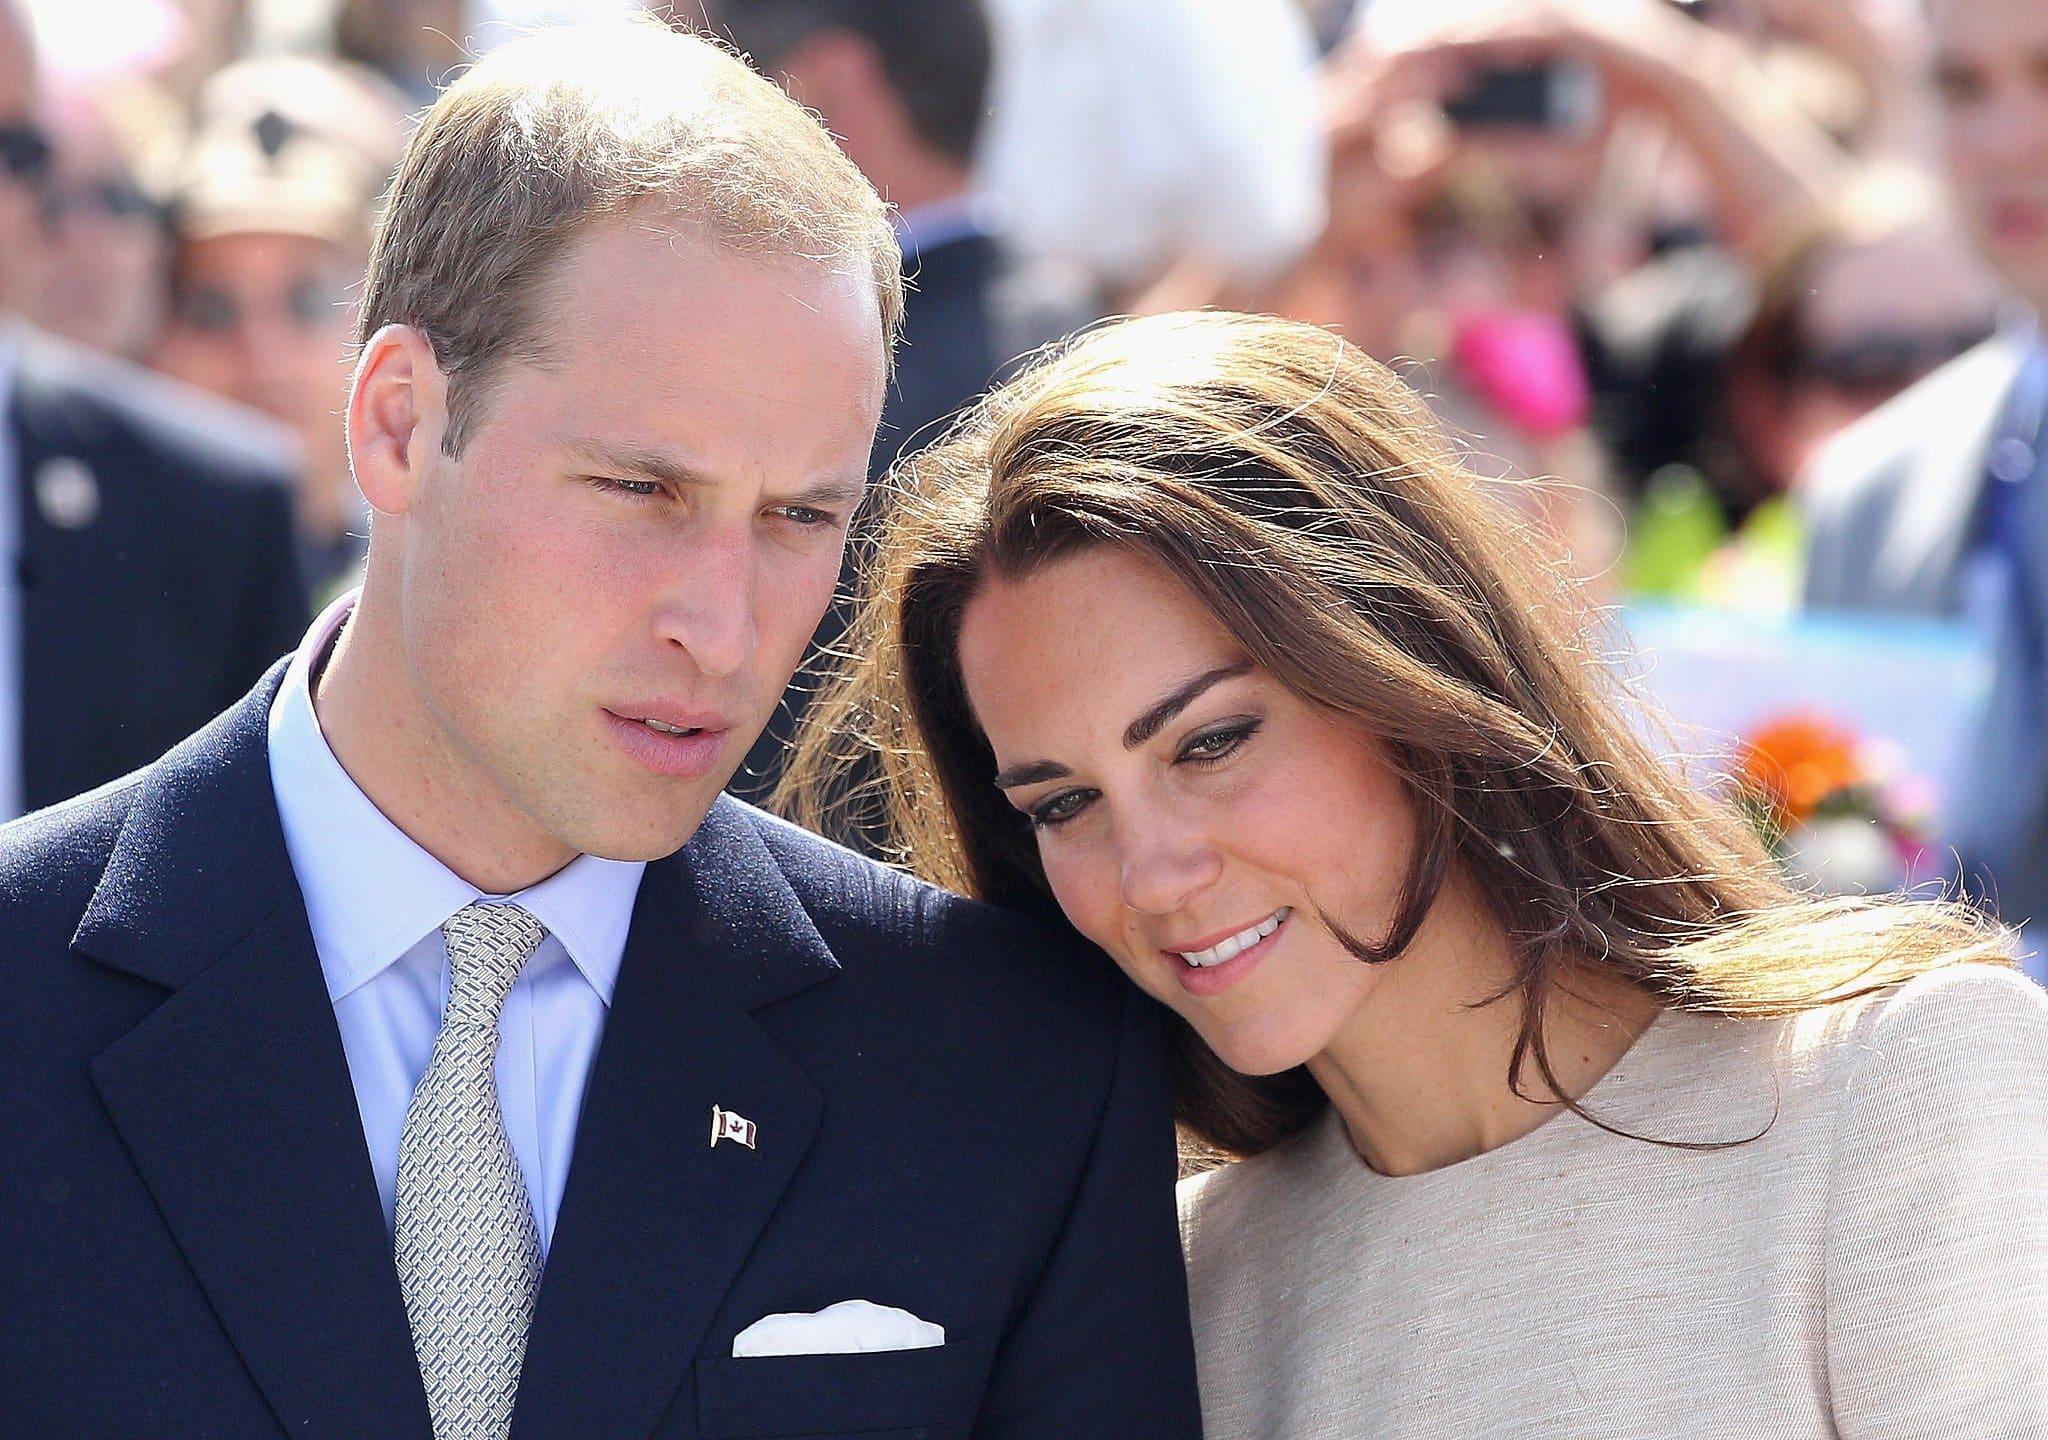 Кейт Миддлтон и принц Уильям: последние новости на сегодня, 7 августа 2019 года